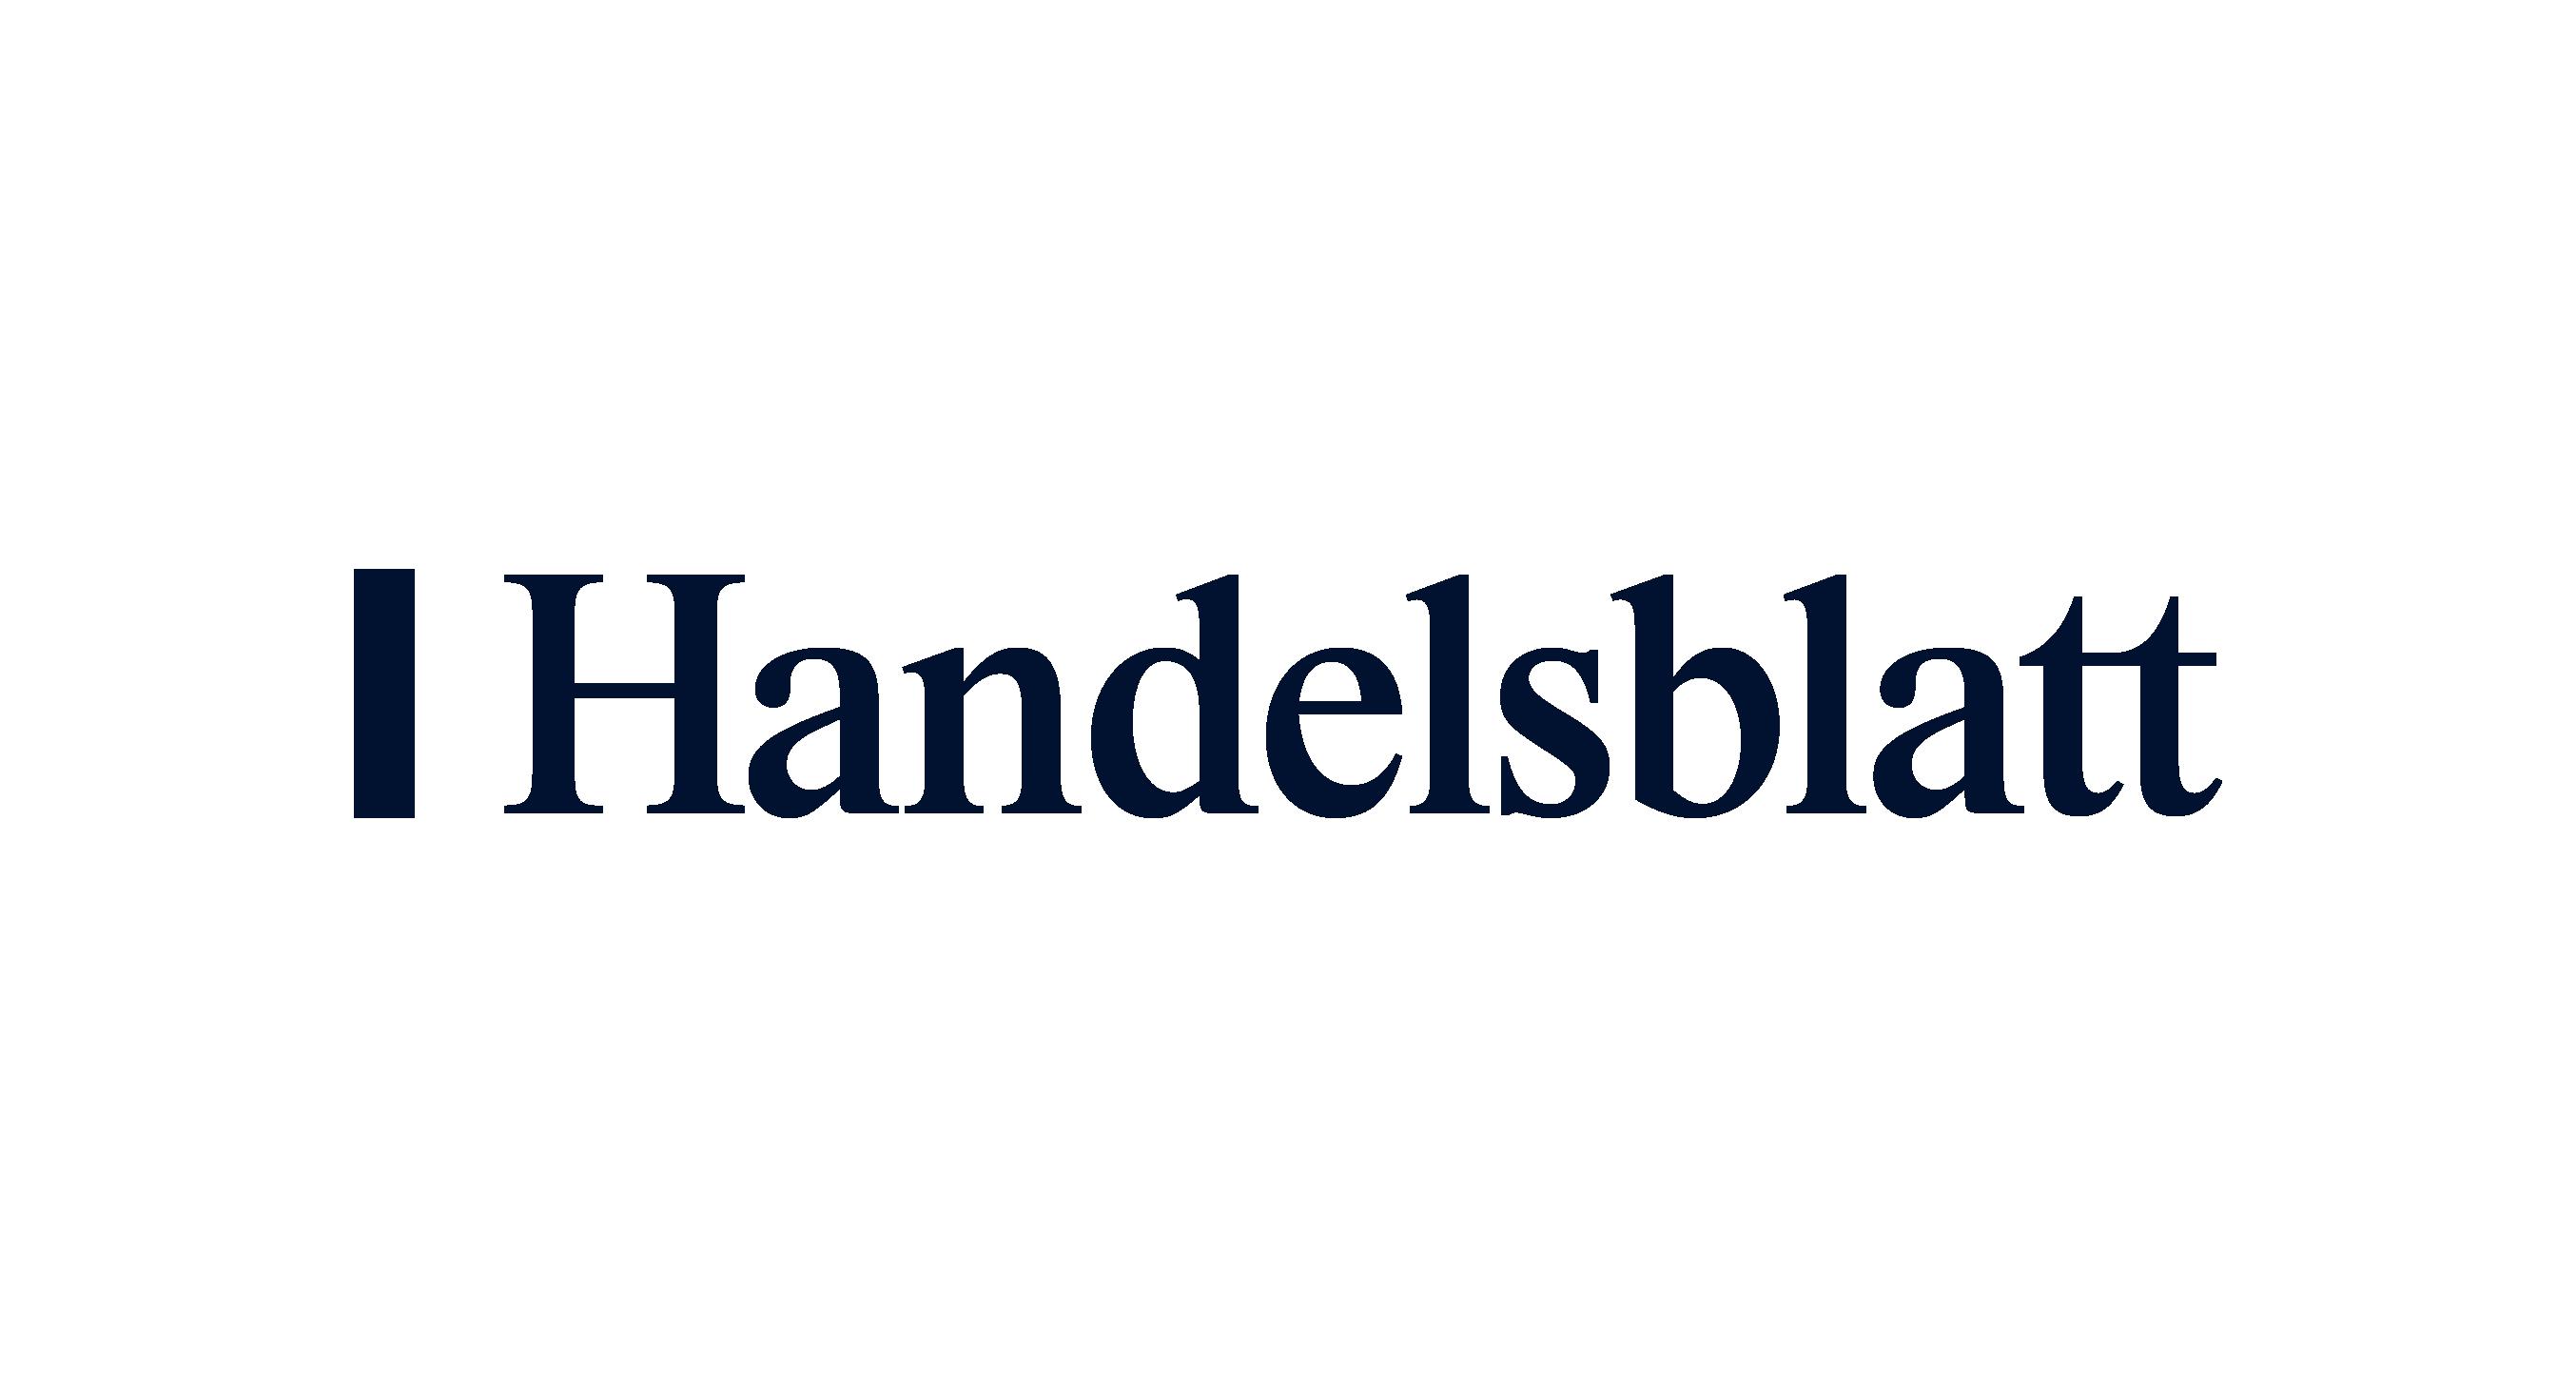 Handelsblatt logo blue